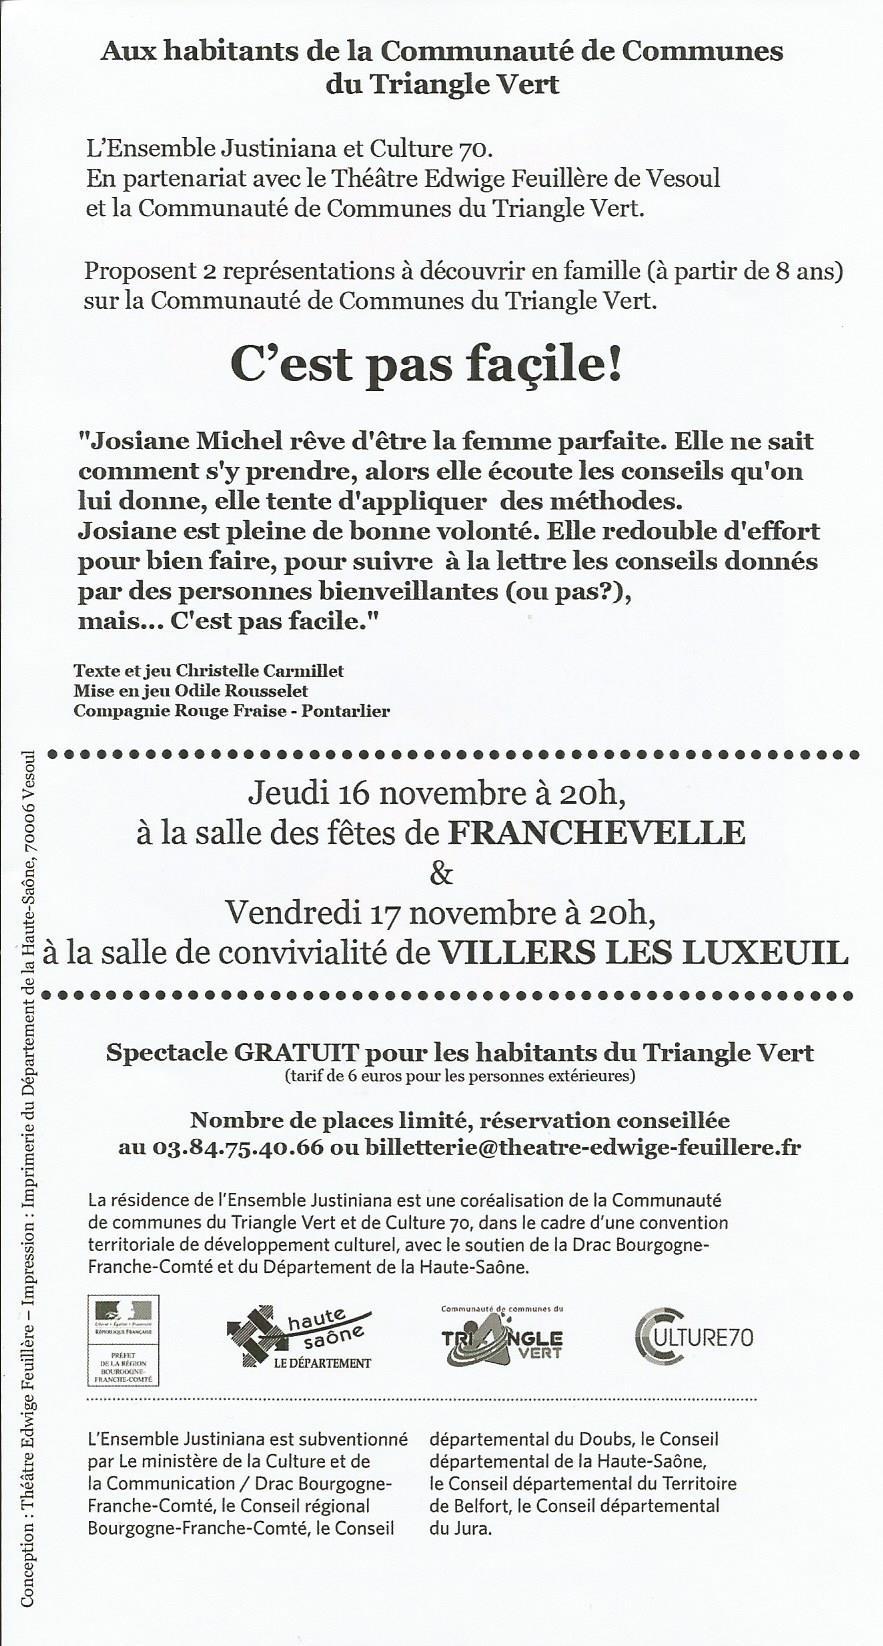 https://www.villers-les-luxeuil.com/projets/villers/files/images/2017_Mairie/Divers_pour_site/CestPasFacile2.jpg